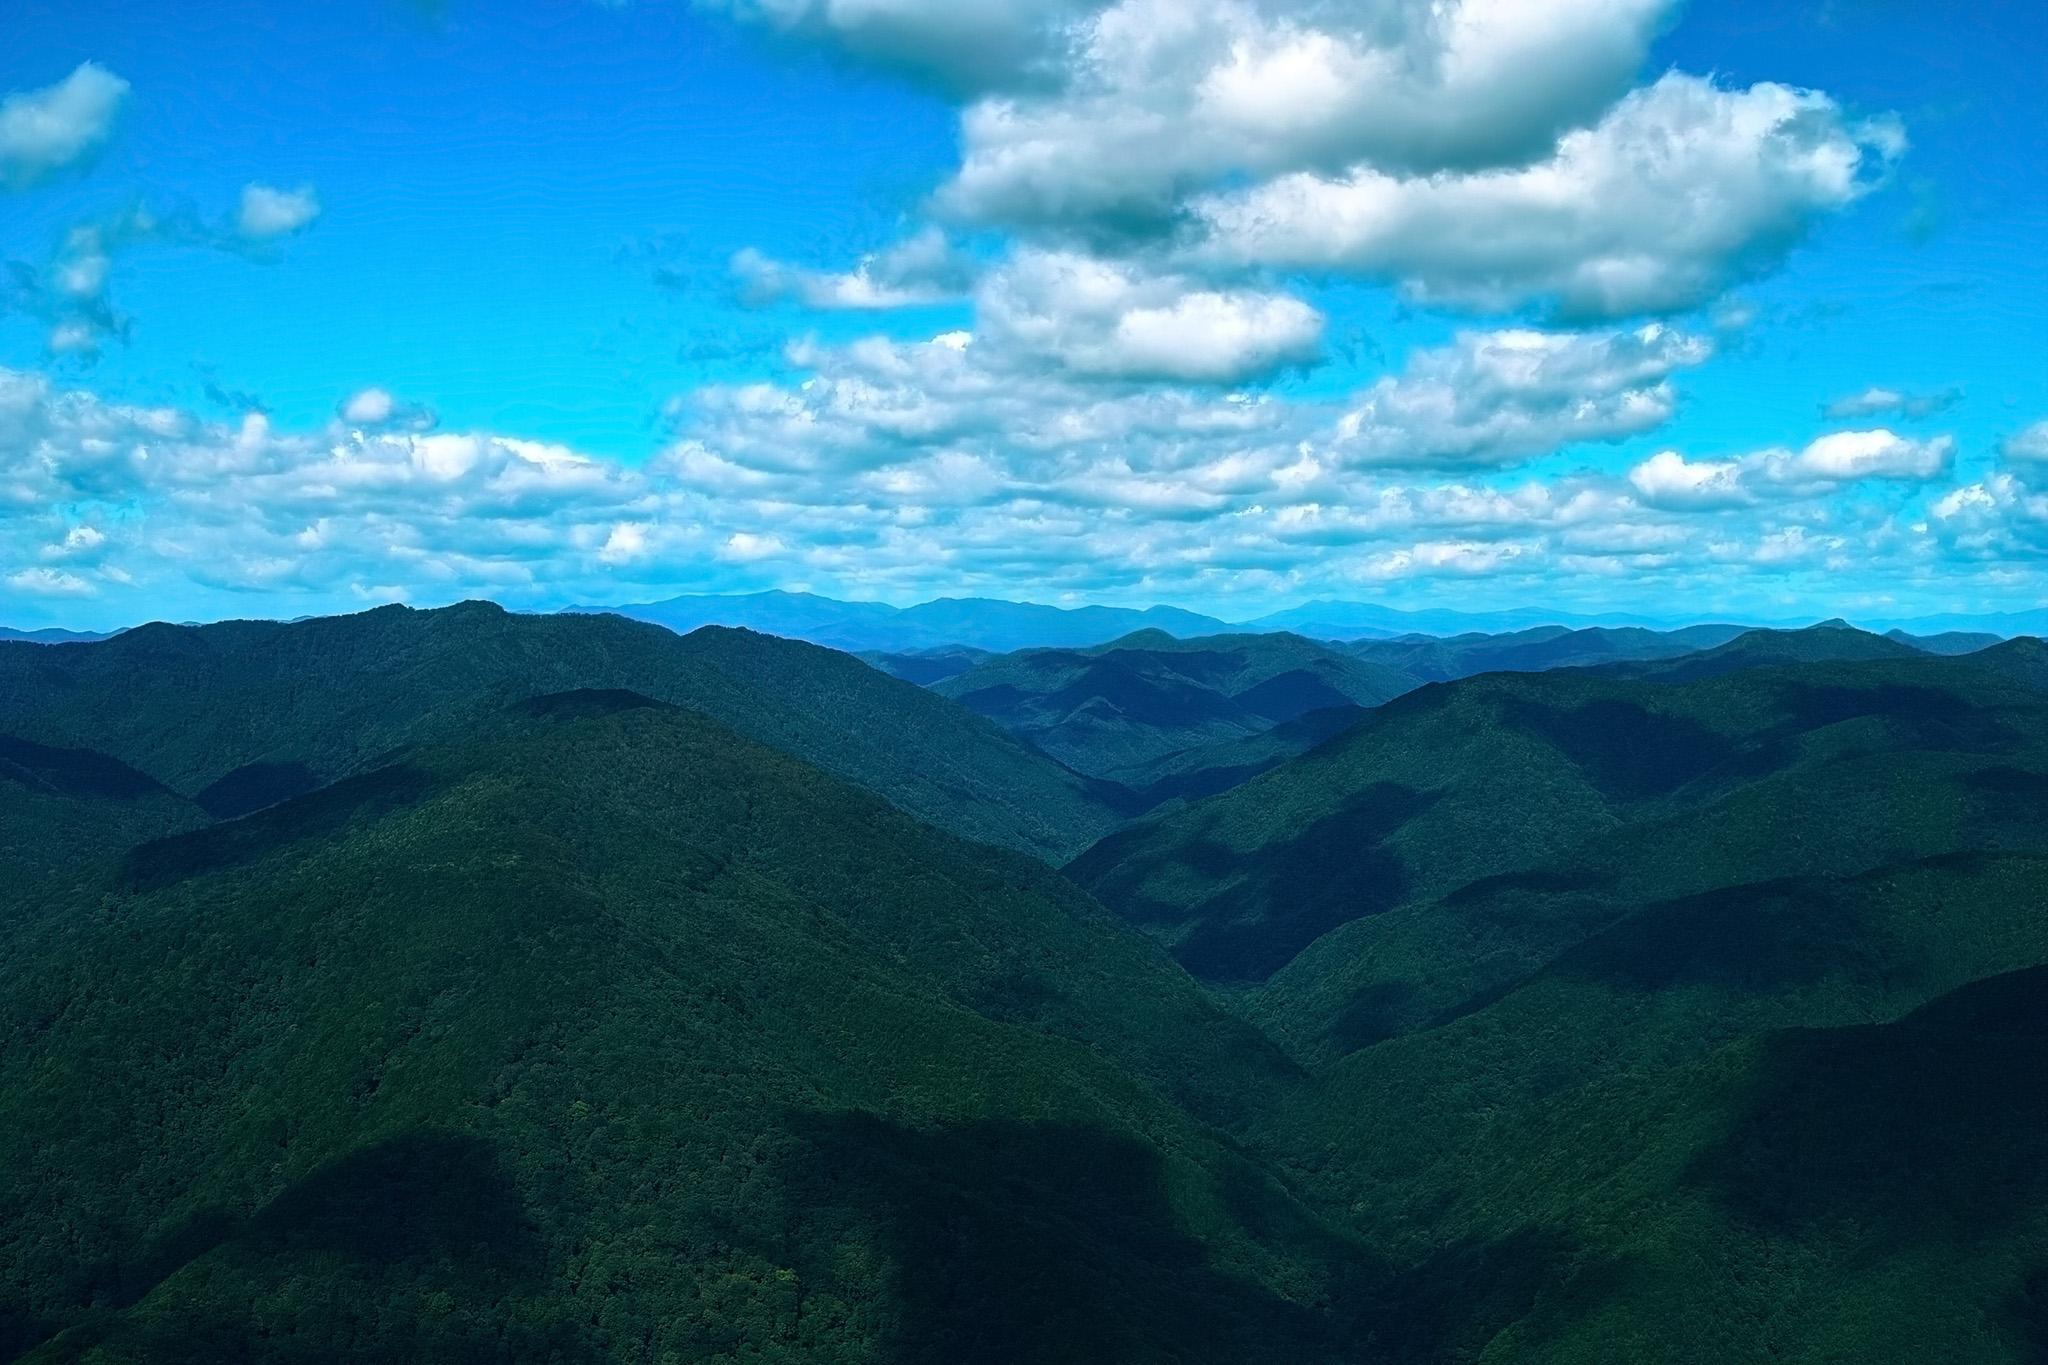 木々が生い茂る山脈に疎らに落ちる雲の影